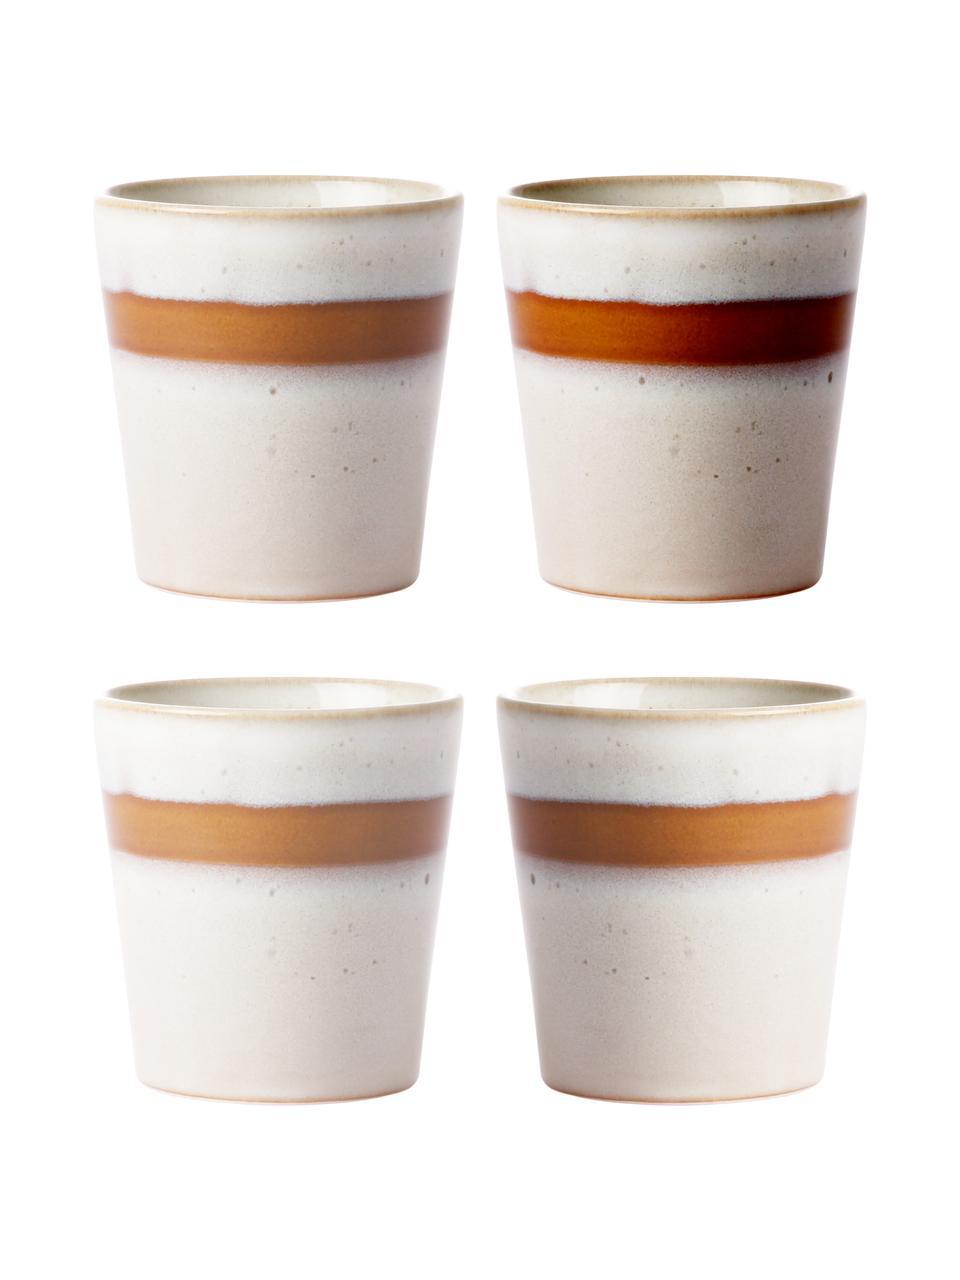 Handgemaakte XS bekersset 70's in retro stijl, 4-delig, Keramiek, Beige, bruin, Ø 8 x H 8 cm